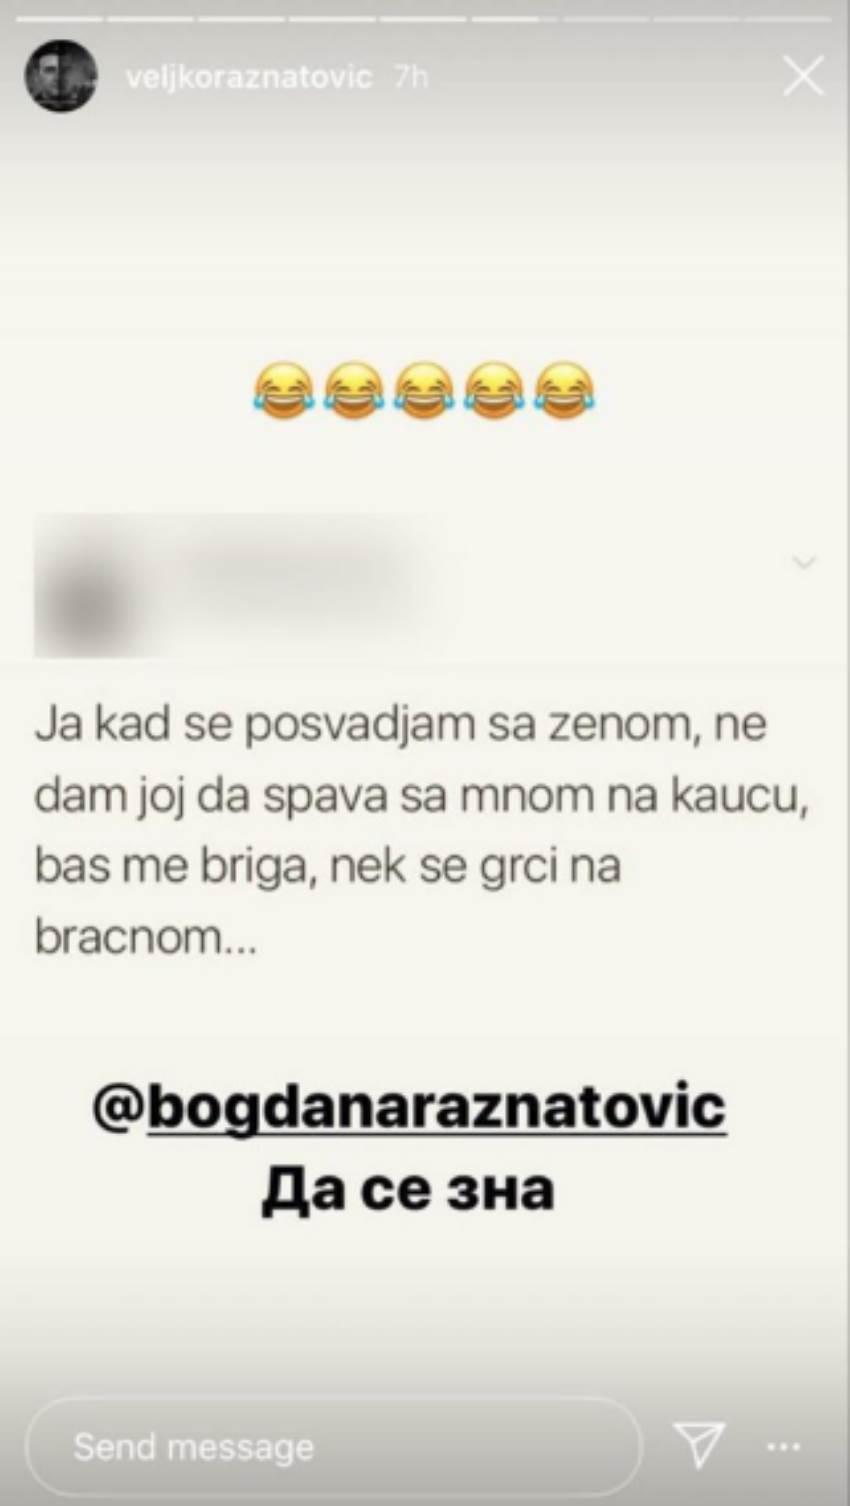 Veljko Ražnatović